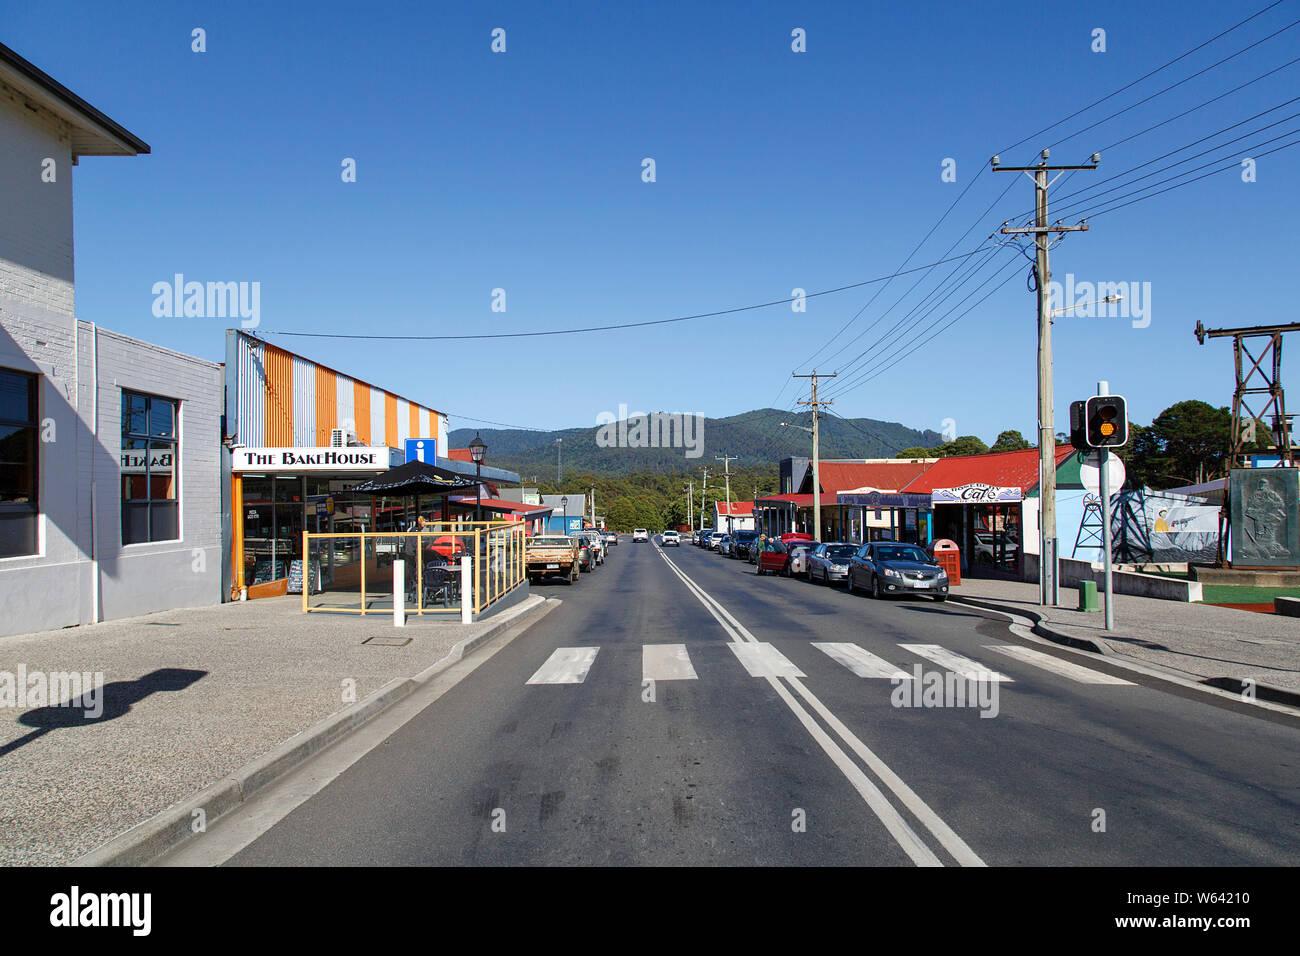 Rosebery, Tasmania: Abril, 2019: Calle Principal de la pequeña ciudad de Tasmania. Rosebery está situado en la autopista A10 entre Zeehan Murchison y Tullah. Foto de stock